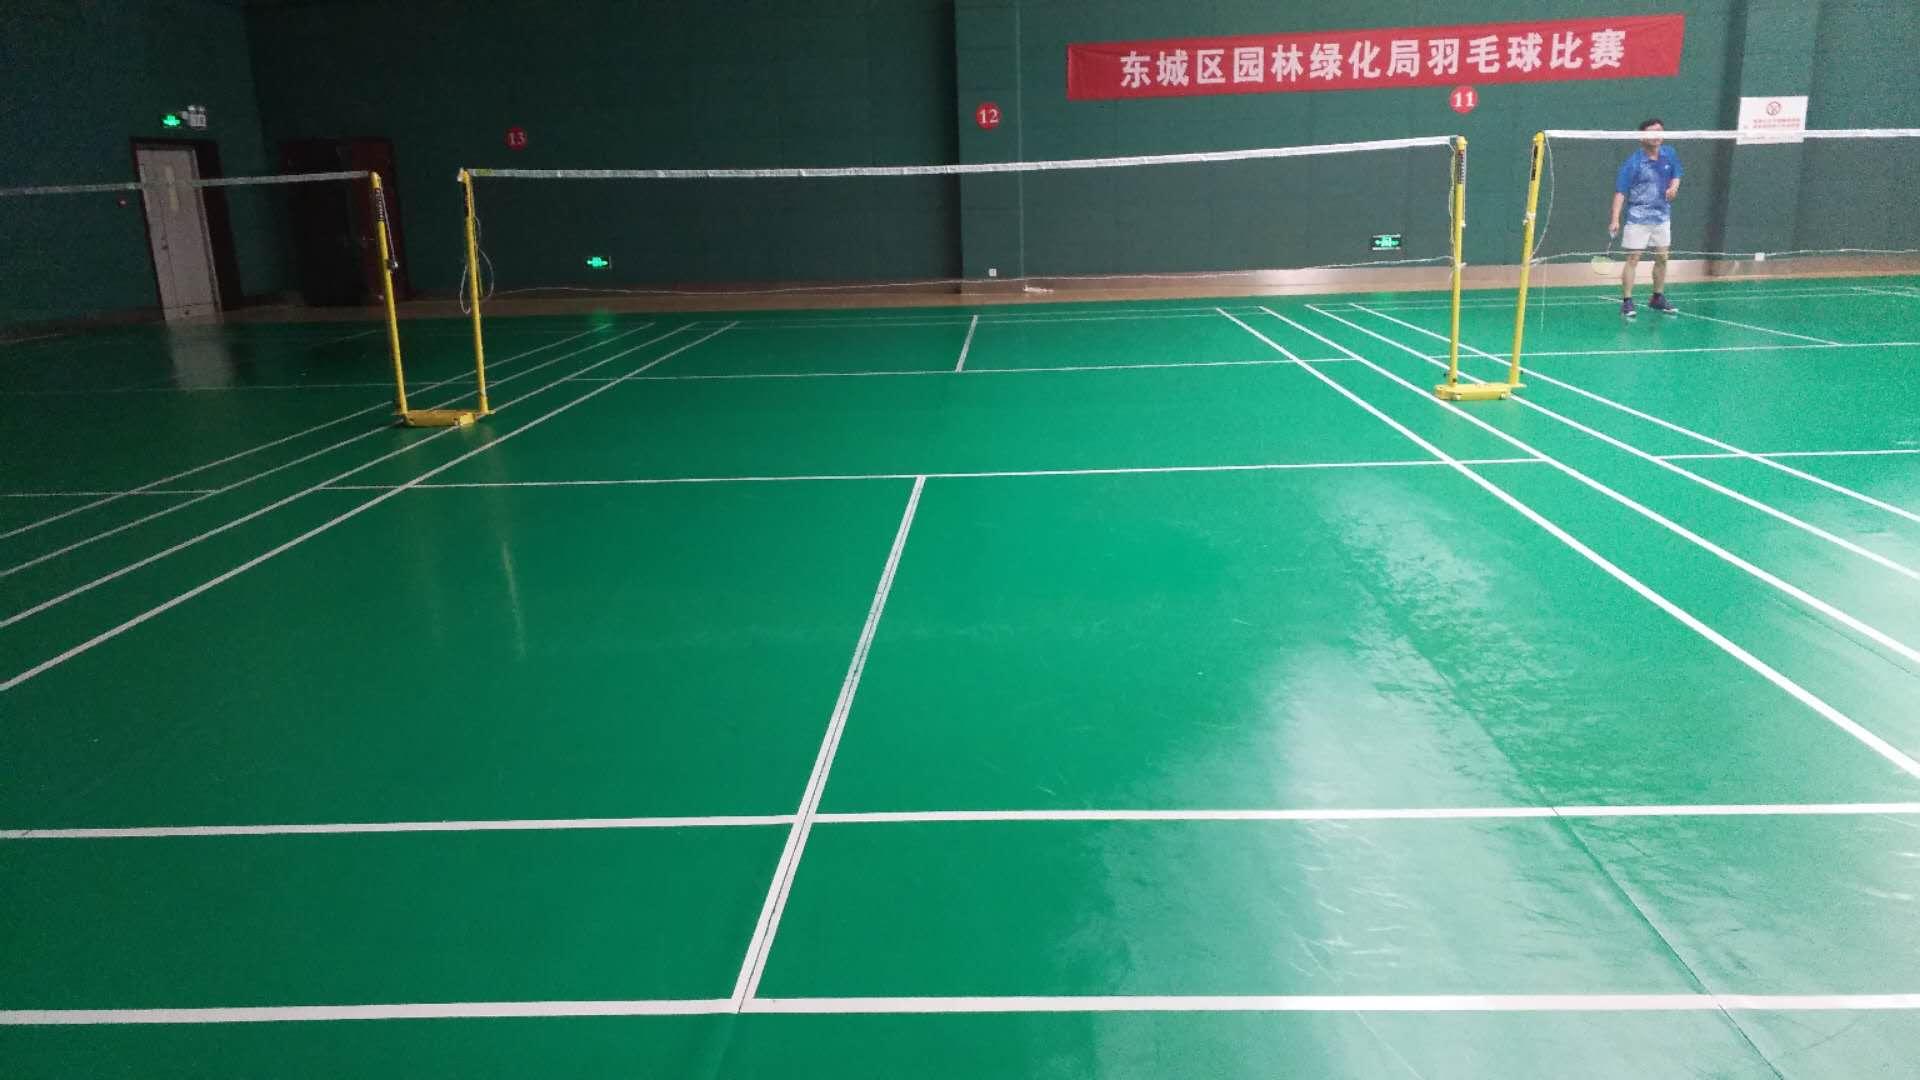 龙潭湖体育馆羽毛球地板清洁保养案例